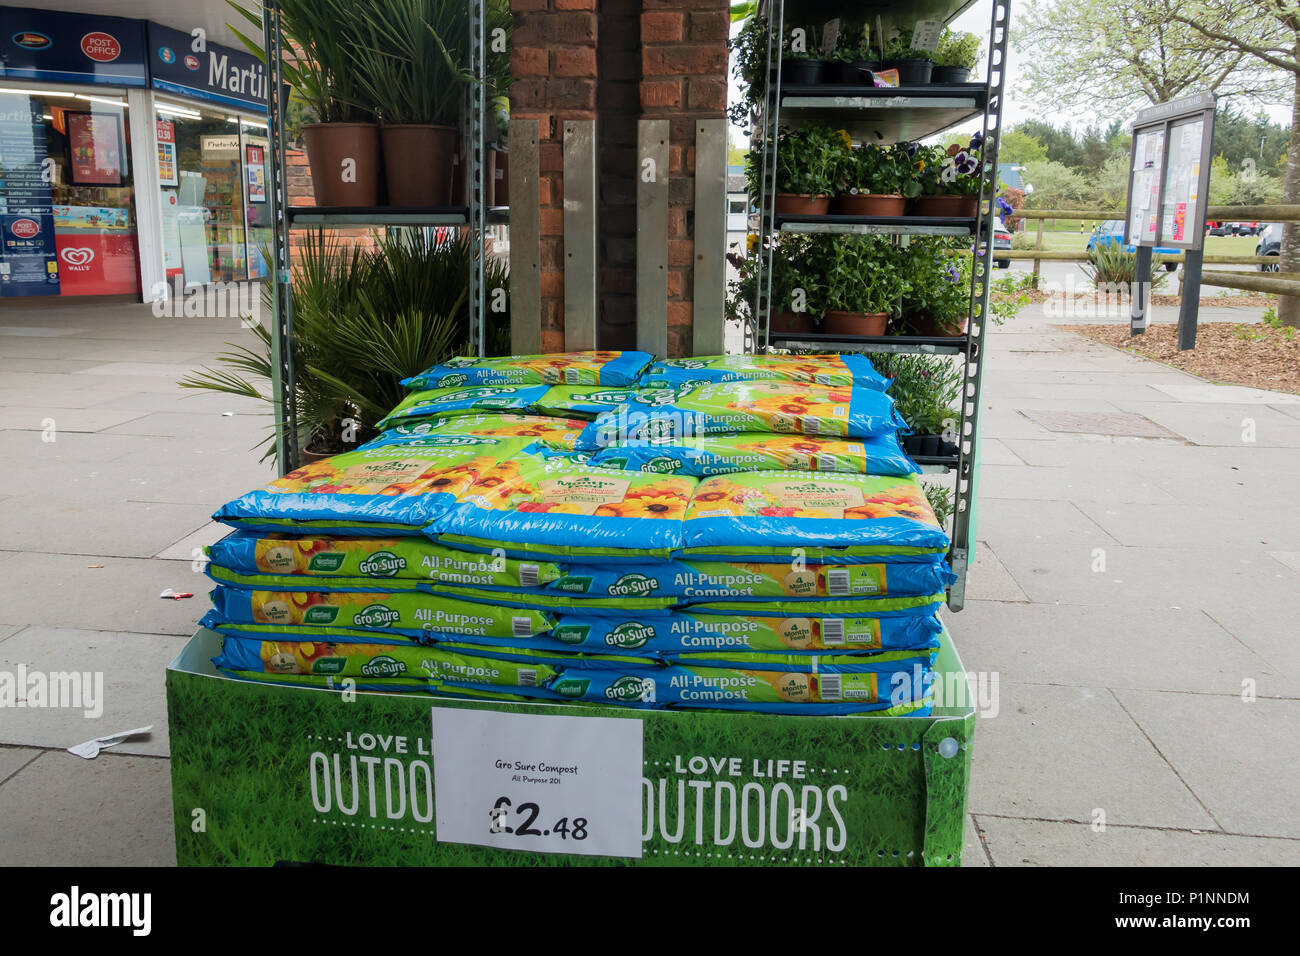 Certains paquets de Gro-vous que toutes les fins du compost pour vente empilées en face de certaines plantes à l'extérieur d'un supermarché au Royaume-Uni Photo Stock